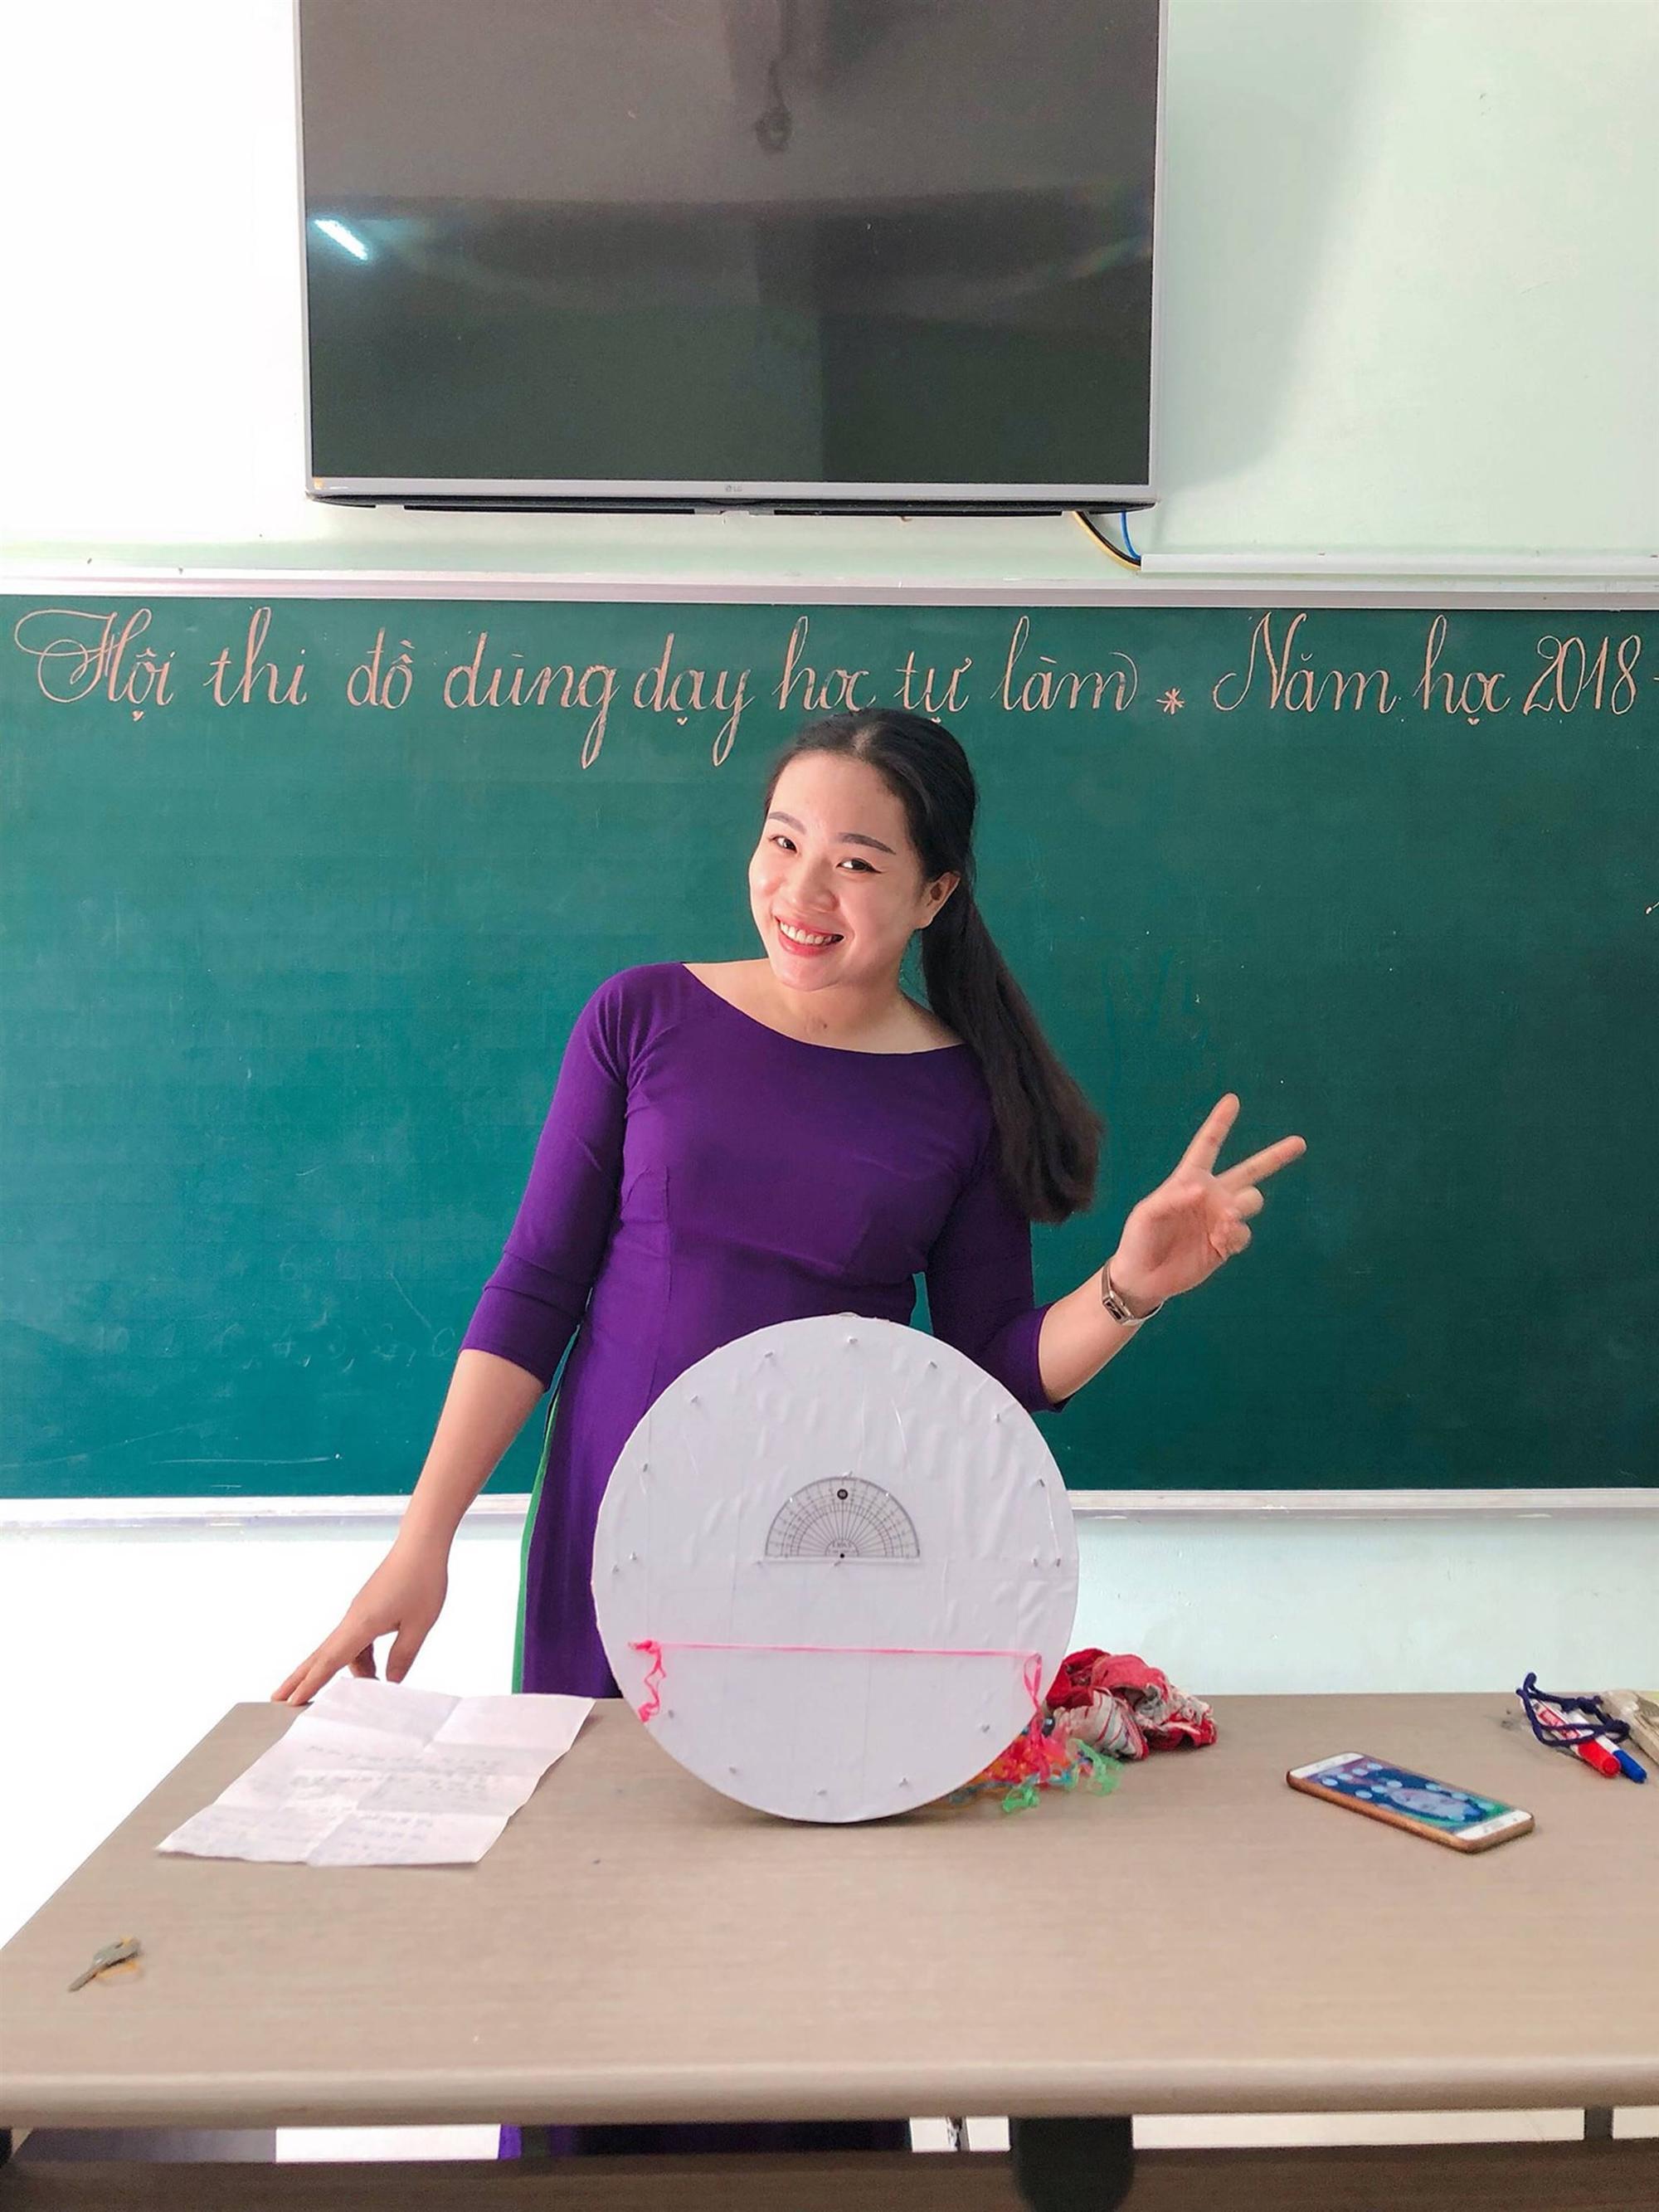 Các cô giáo viết đẹp hơn đánh máy ở Quảng Trị tiếp tục gây sốt với khả năng sáng tạo đồ dùng dạy học không giới hạn-9